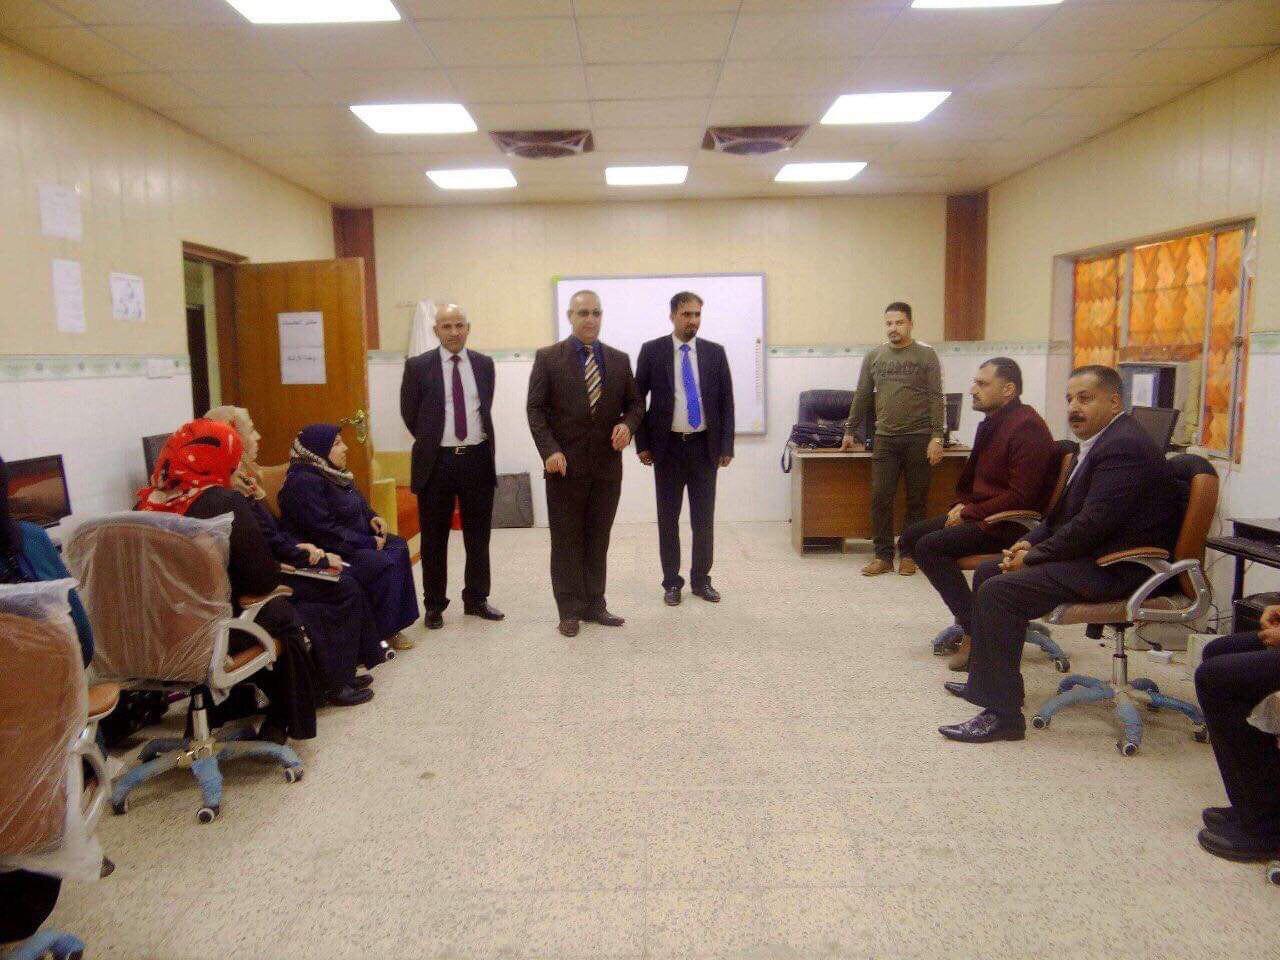 كلية الأثار في جامعة القادسية تقيم دورة لتطوير مهارات الموظفين في الحاسوب